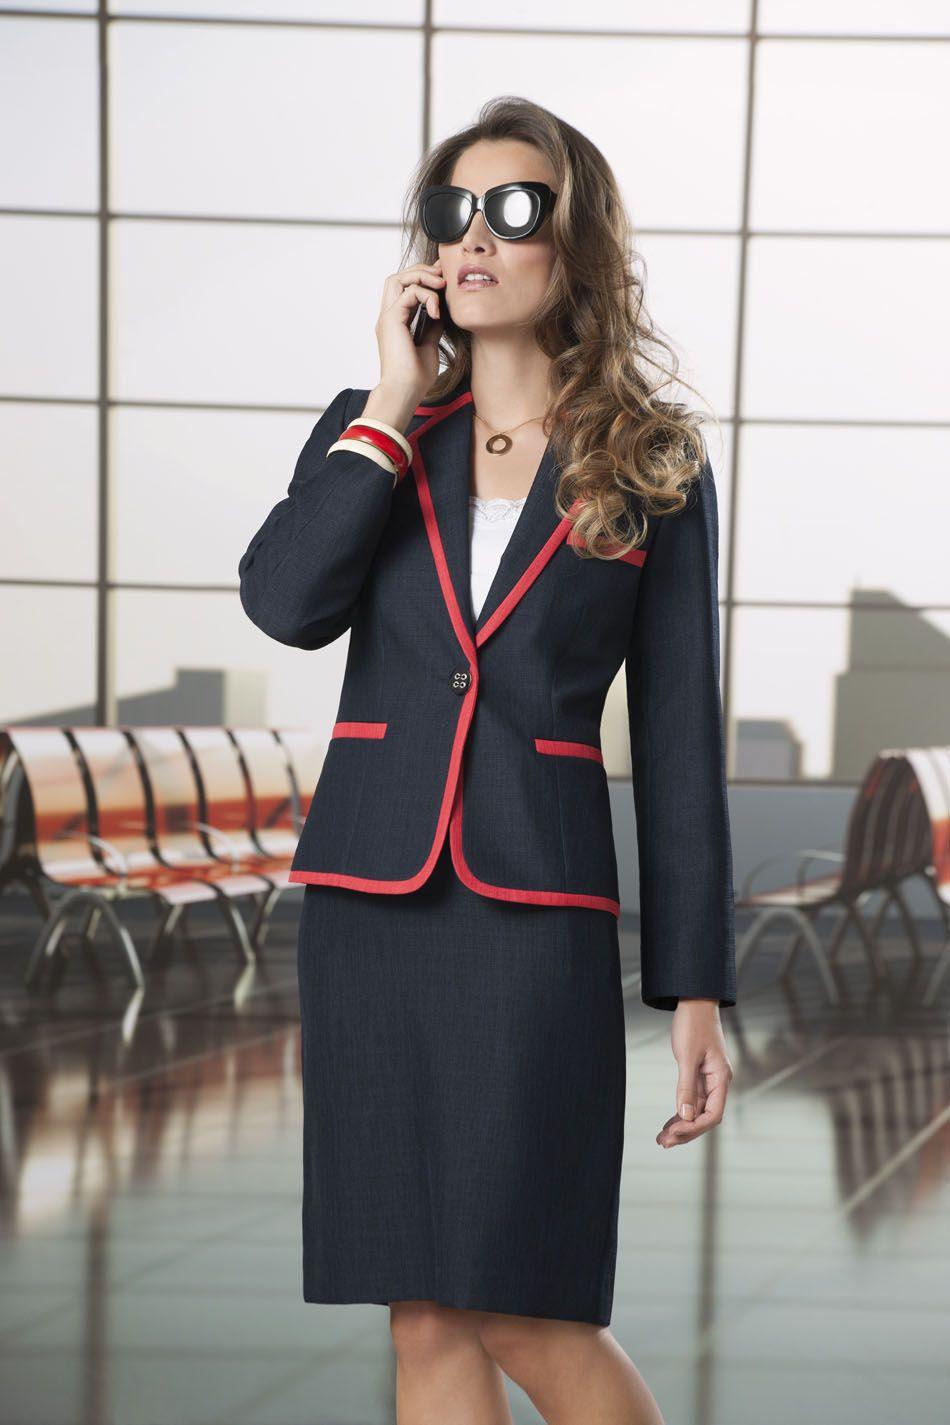 Uniformes Ejecutivos Vanity Estilo 44008526 Color Red Navy Navy Red Http Uniformes Vanity Com Mx Single Php Id 201432 Suits For Women Outfits Fashion